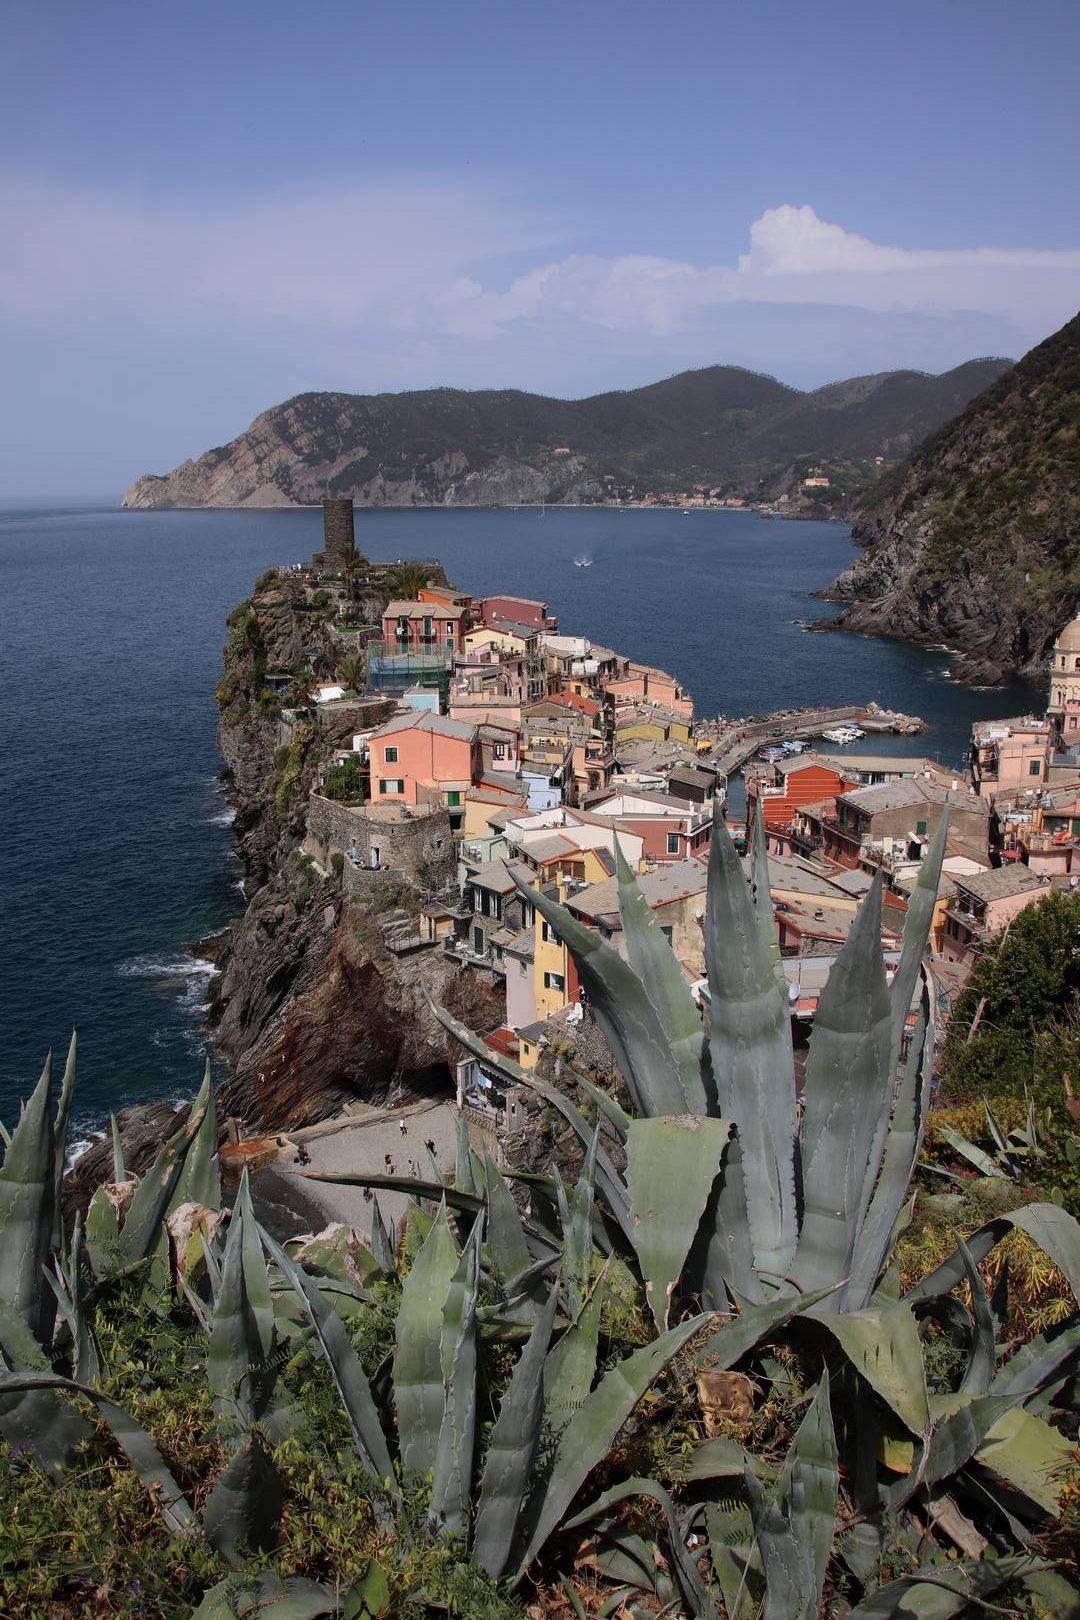 Italie - Village de Vernazza, parc des cinque terre